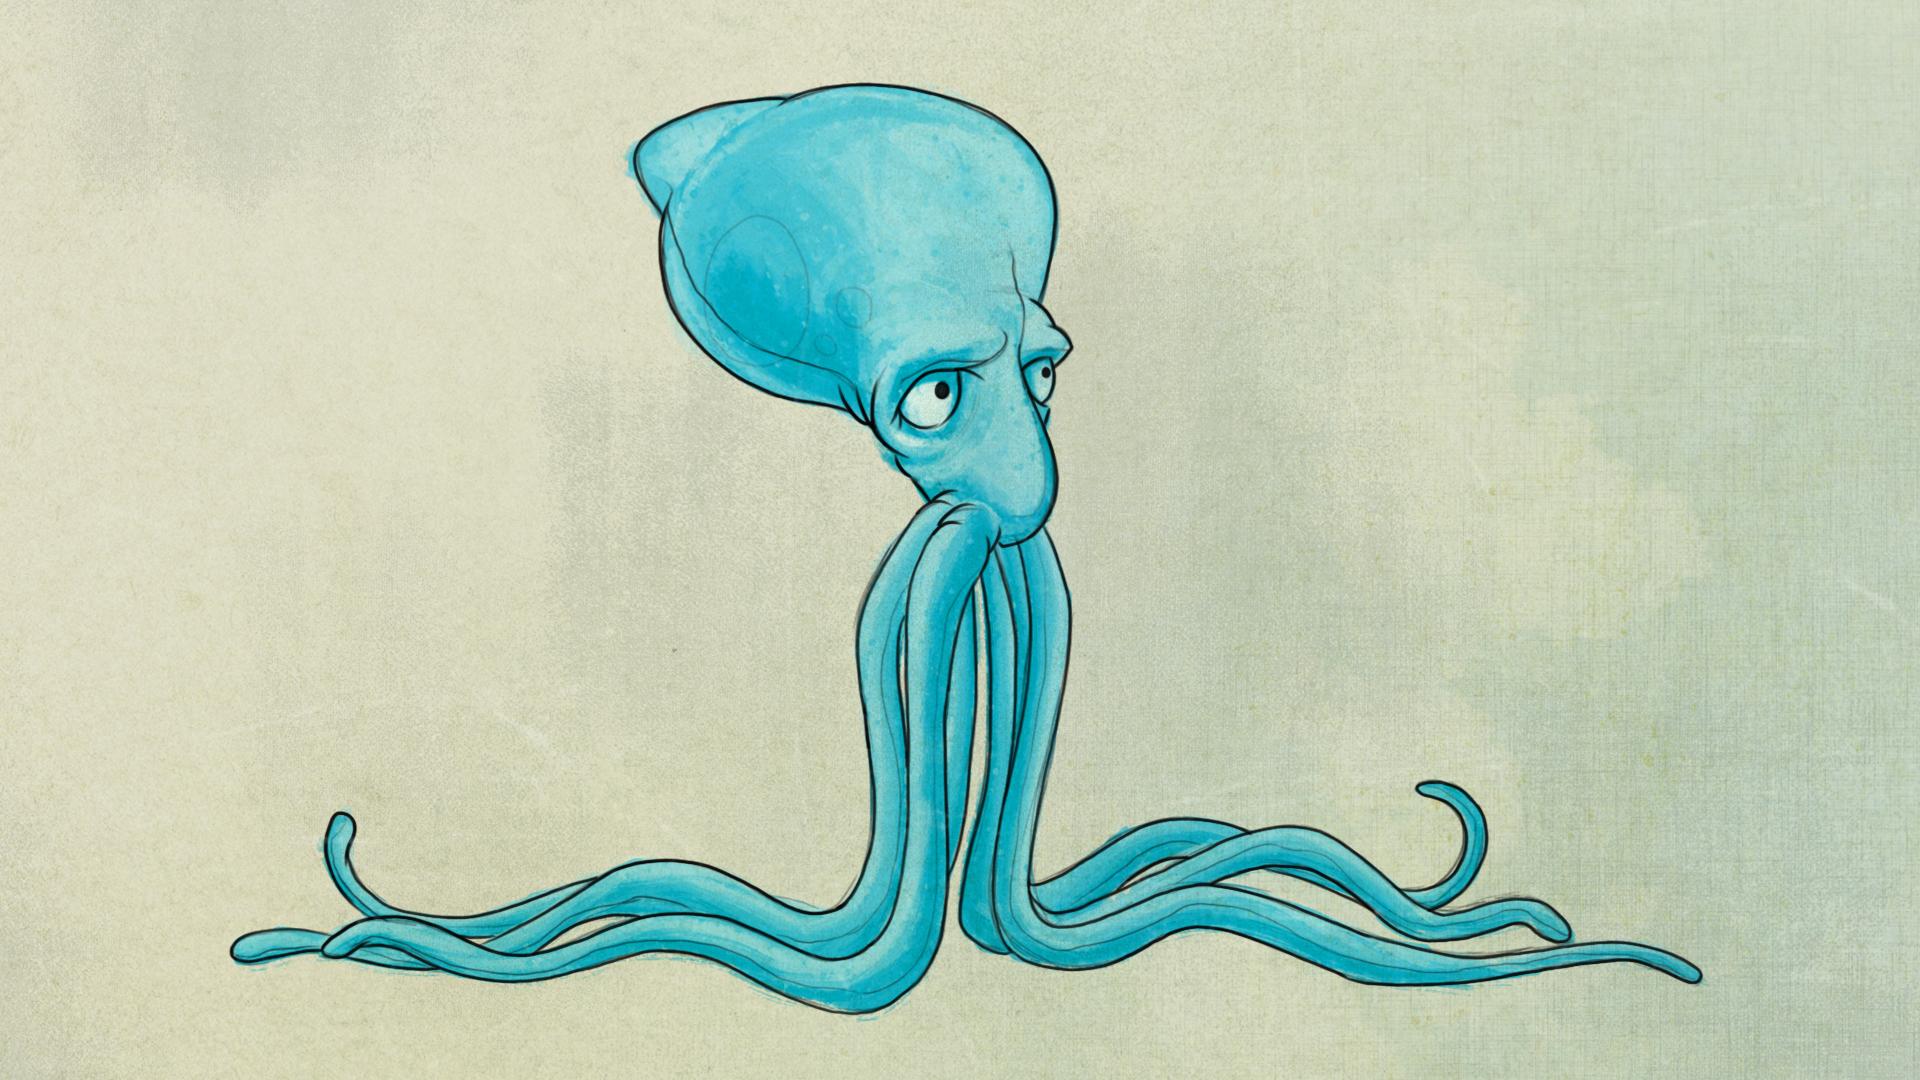 squid-design_02.jpg